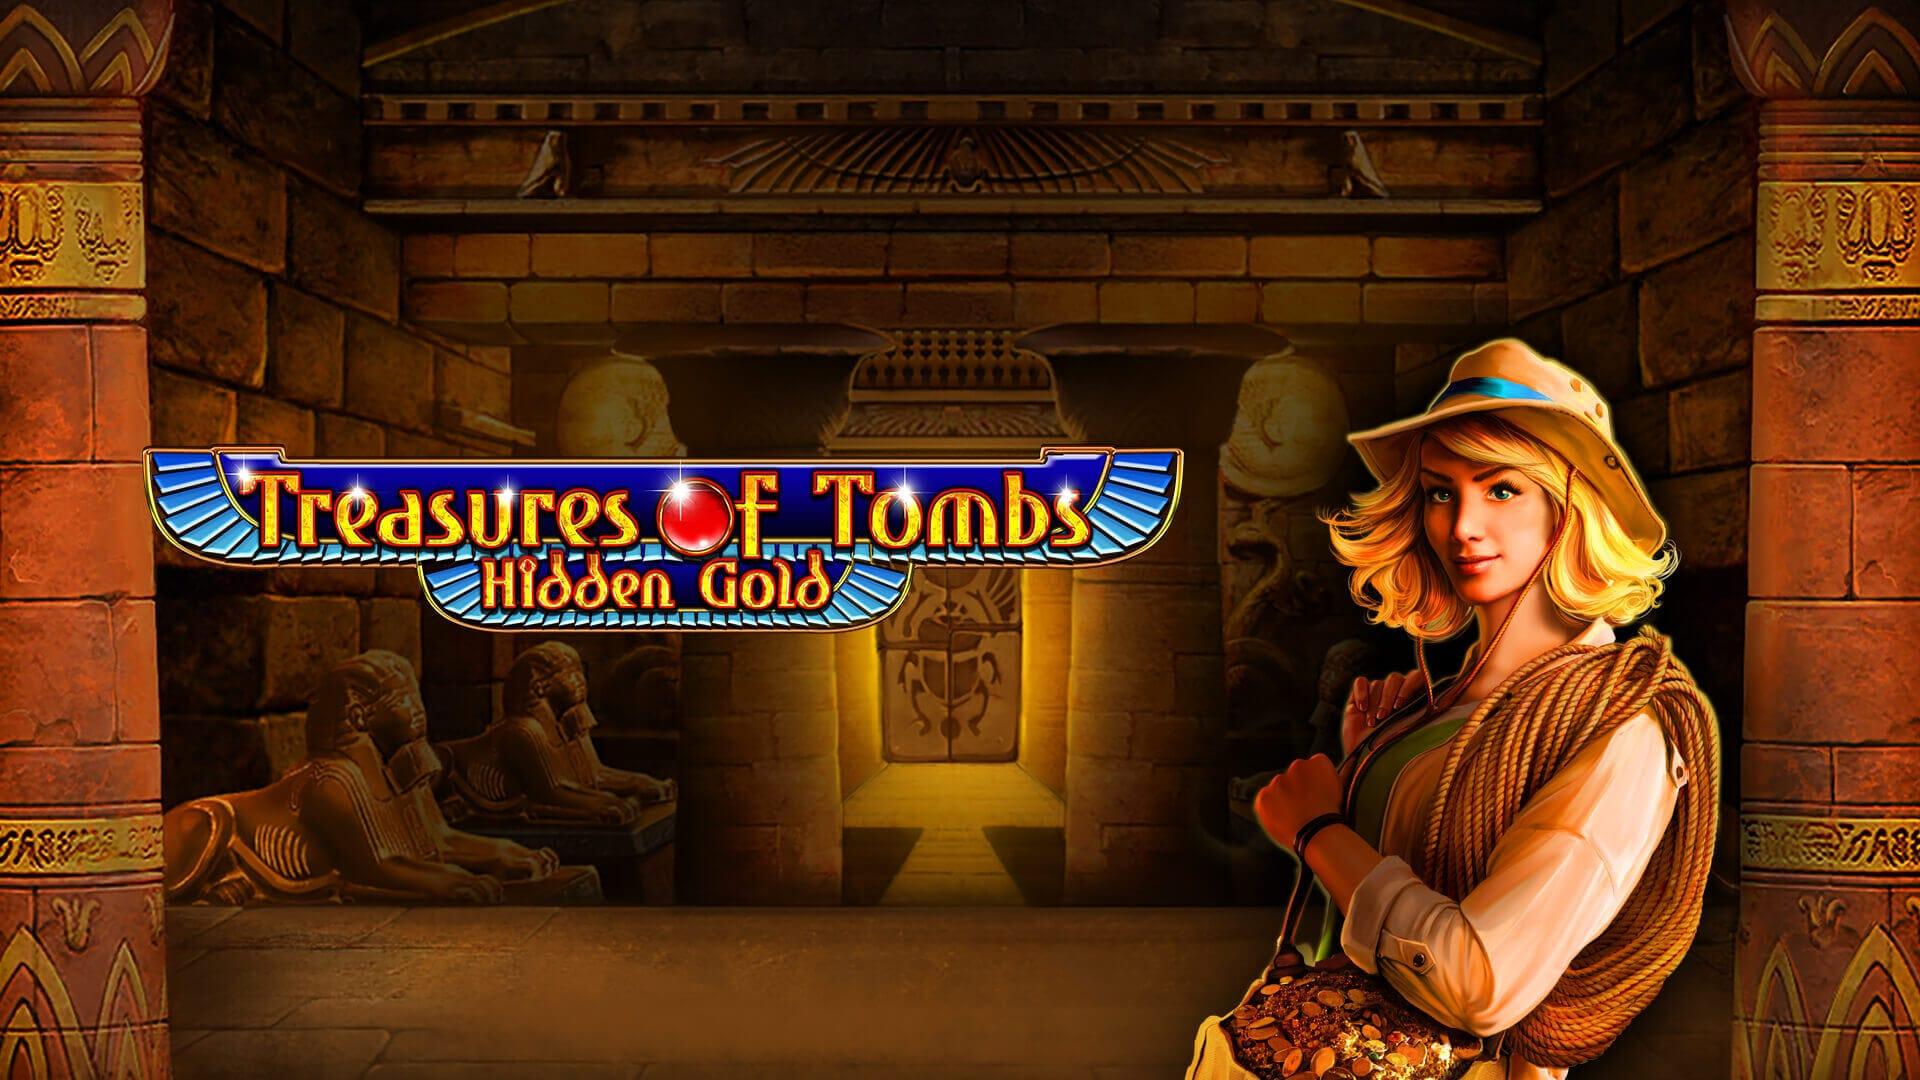 Treasures Of Tombs slots